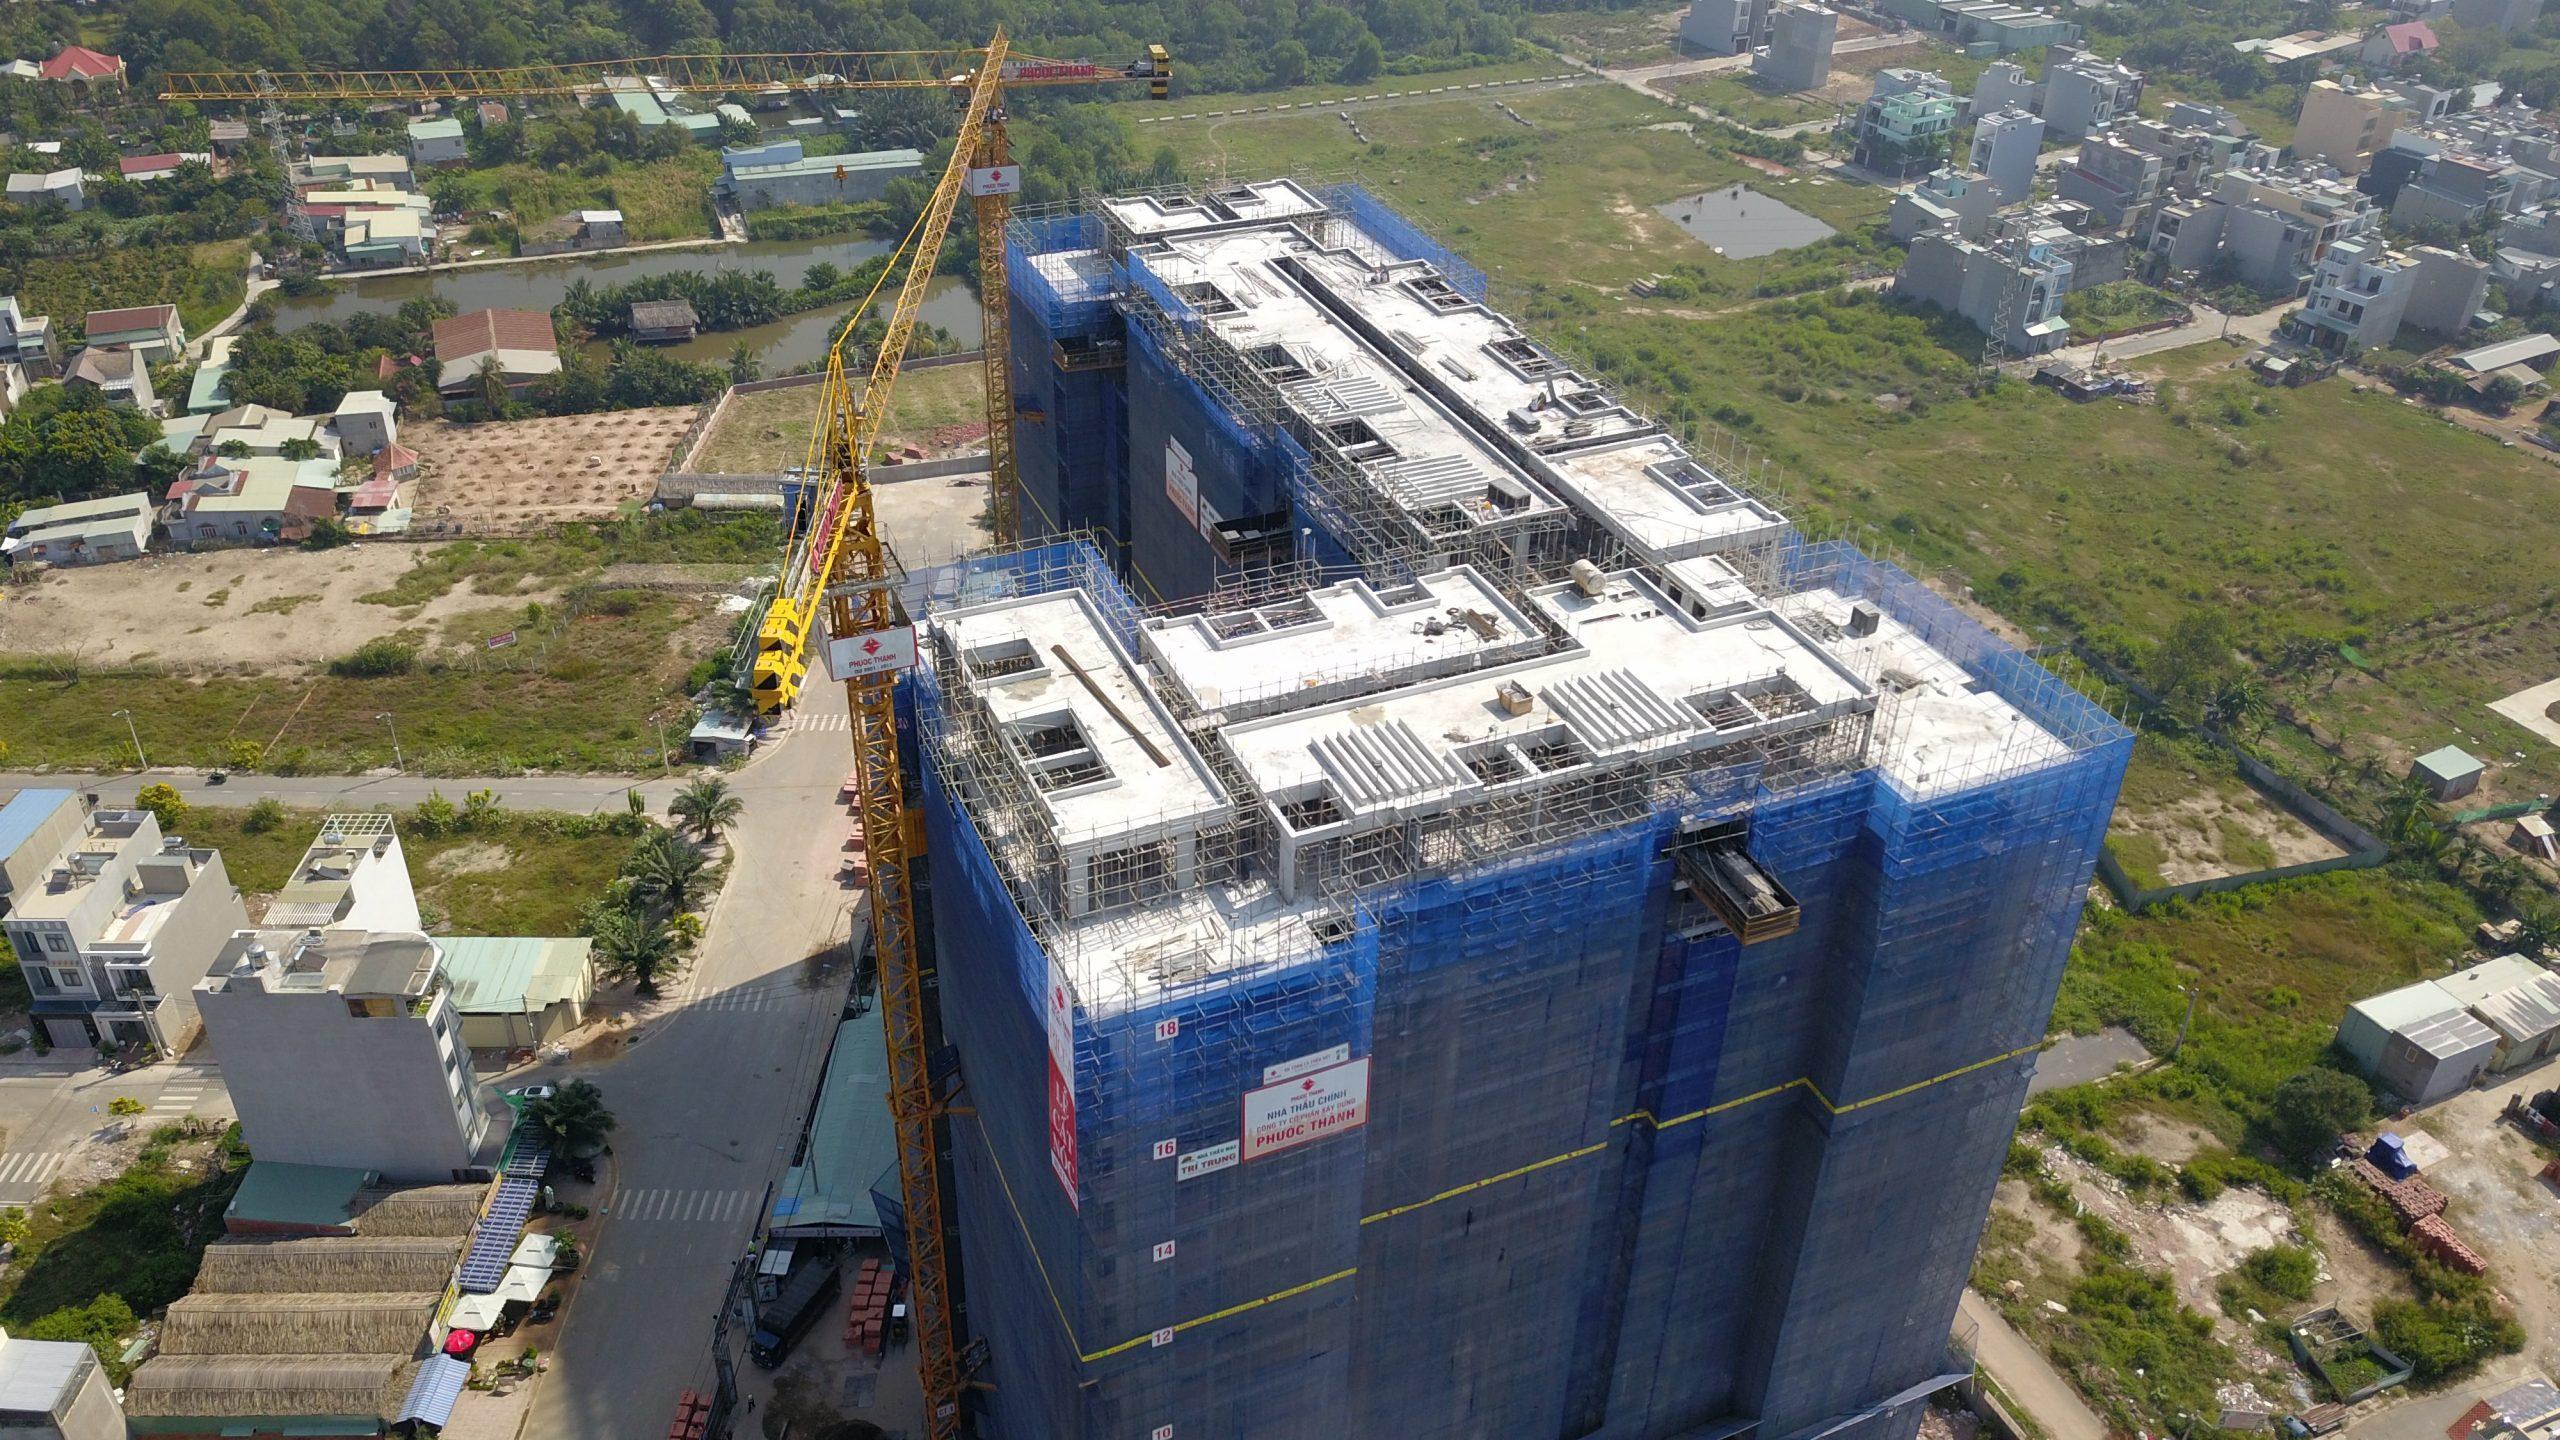 Tiến độ thi công cập nhật mới nhất dự án căn hộ Ricca Quận 9 Điền Phúc Thành